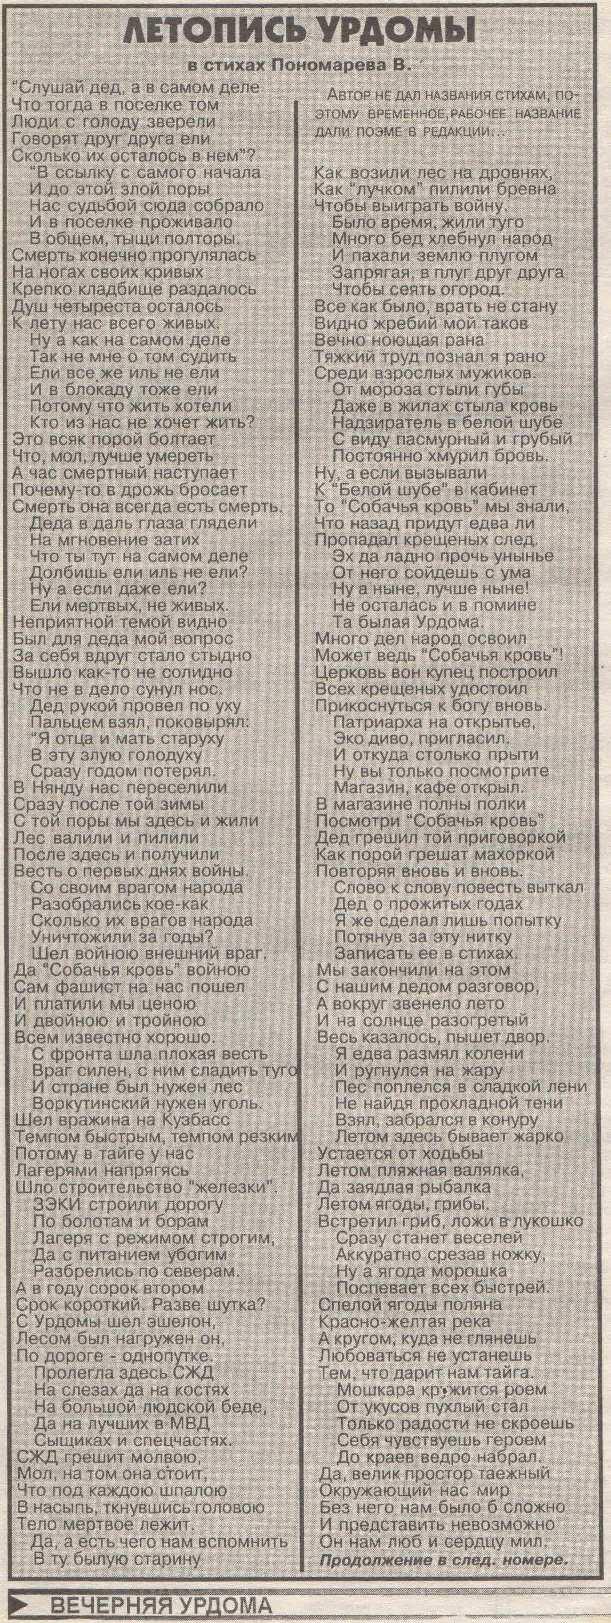 Летопись Урдомы в стихах Пономарева Владимира. ВУ от 28.06.2002.